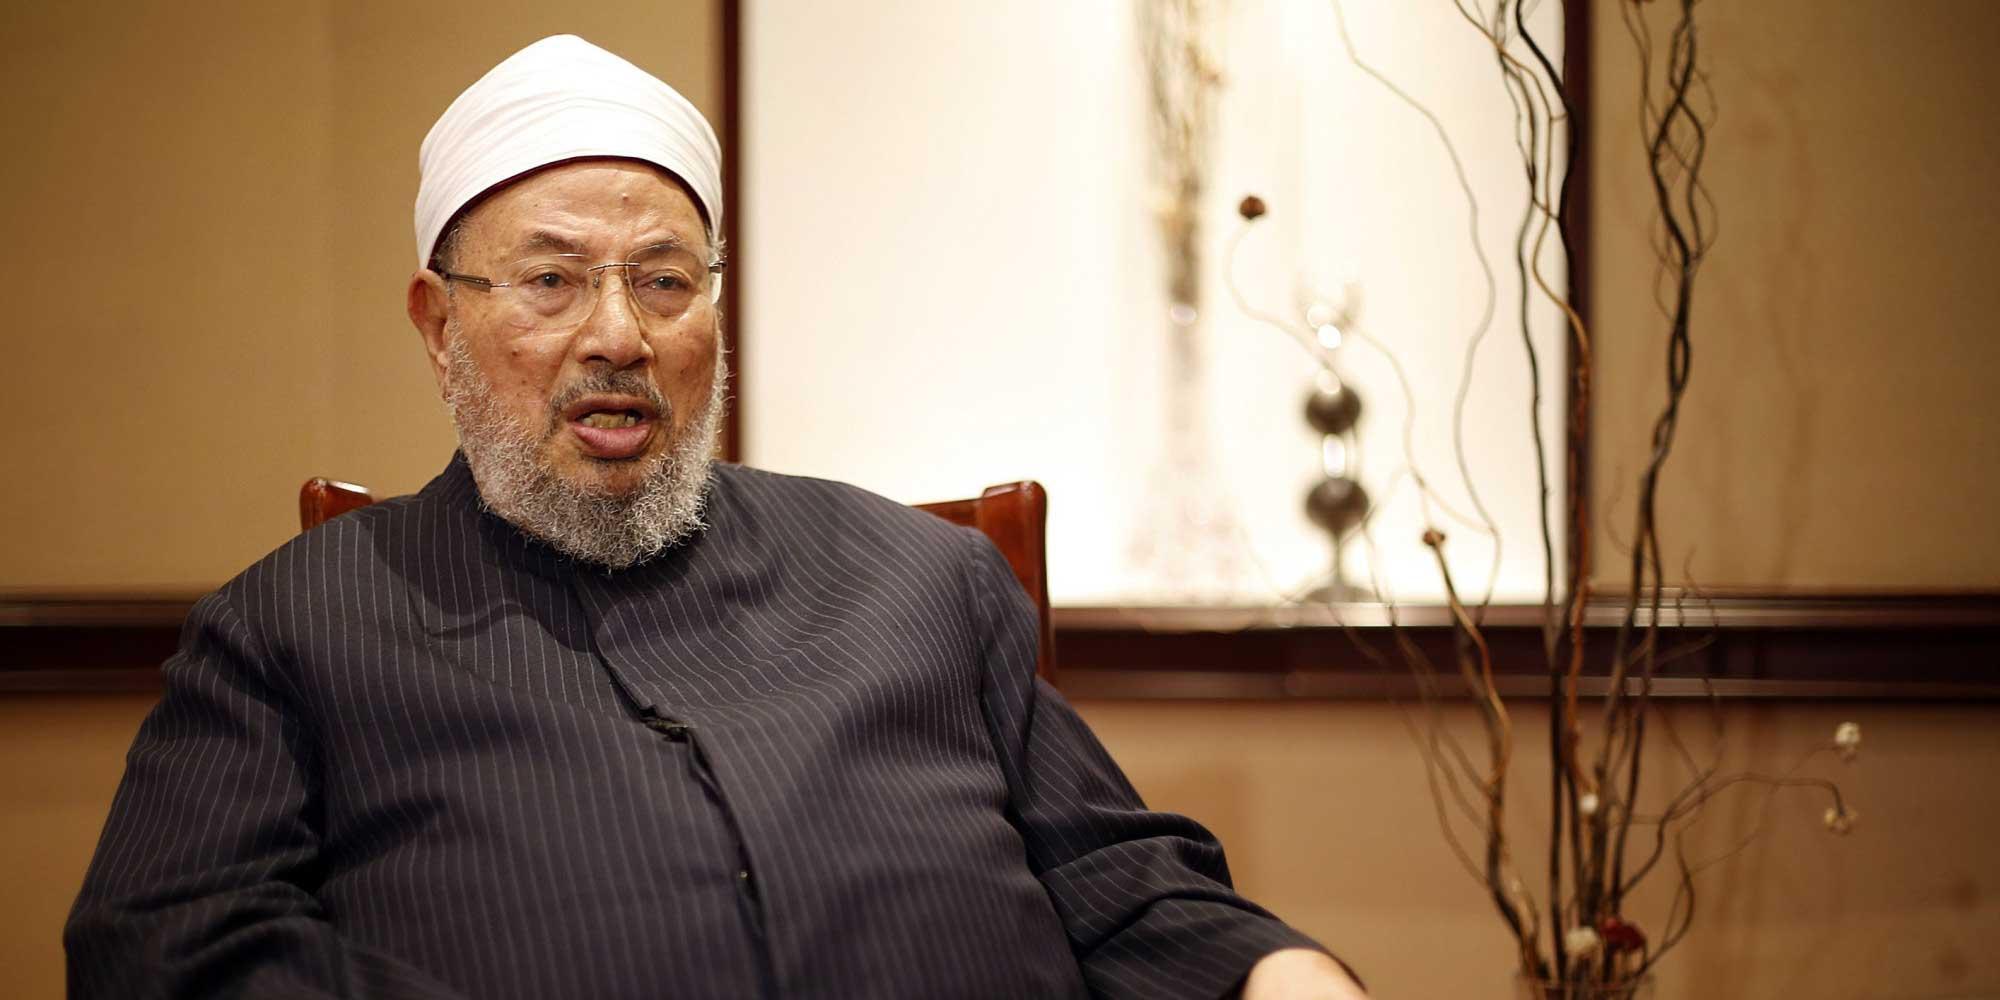 Arabie Saoudite : les livres de Yusuf Al-Qaradawi bannis